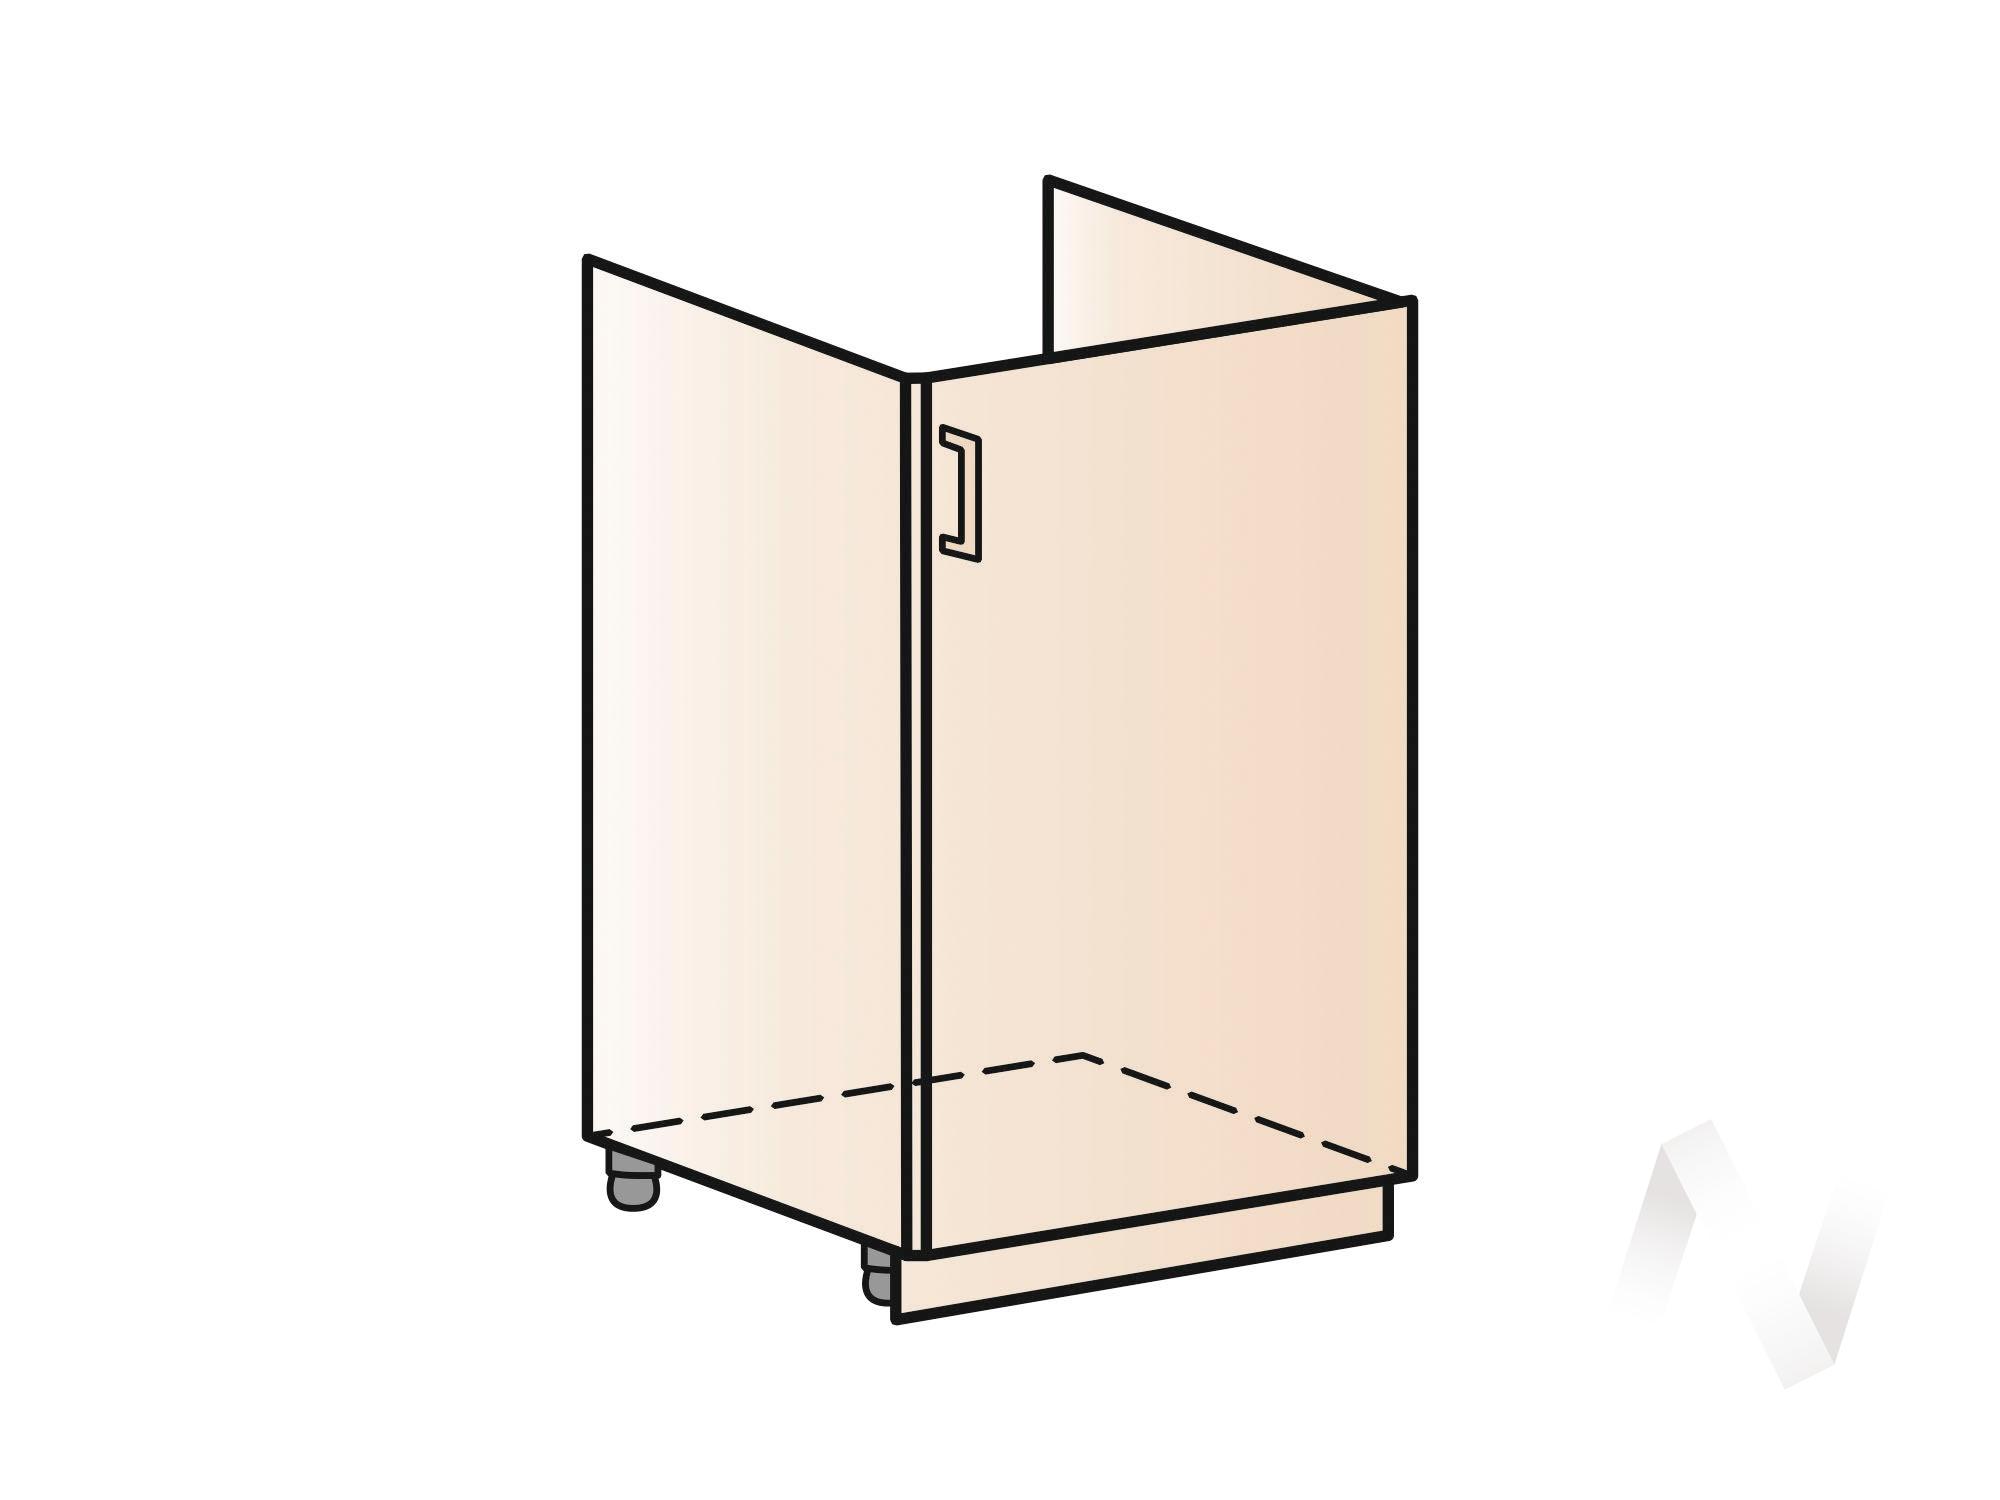 """Кухня """"Люкс"""": Шкаф нижний под мойку 500, ШНМ 500 (Шелк венге/корпус венге) в Томске — авторская мебель Экостиль"""